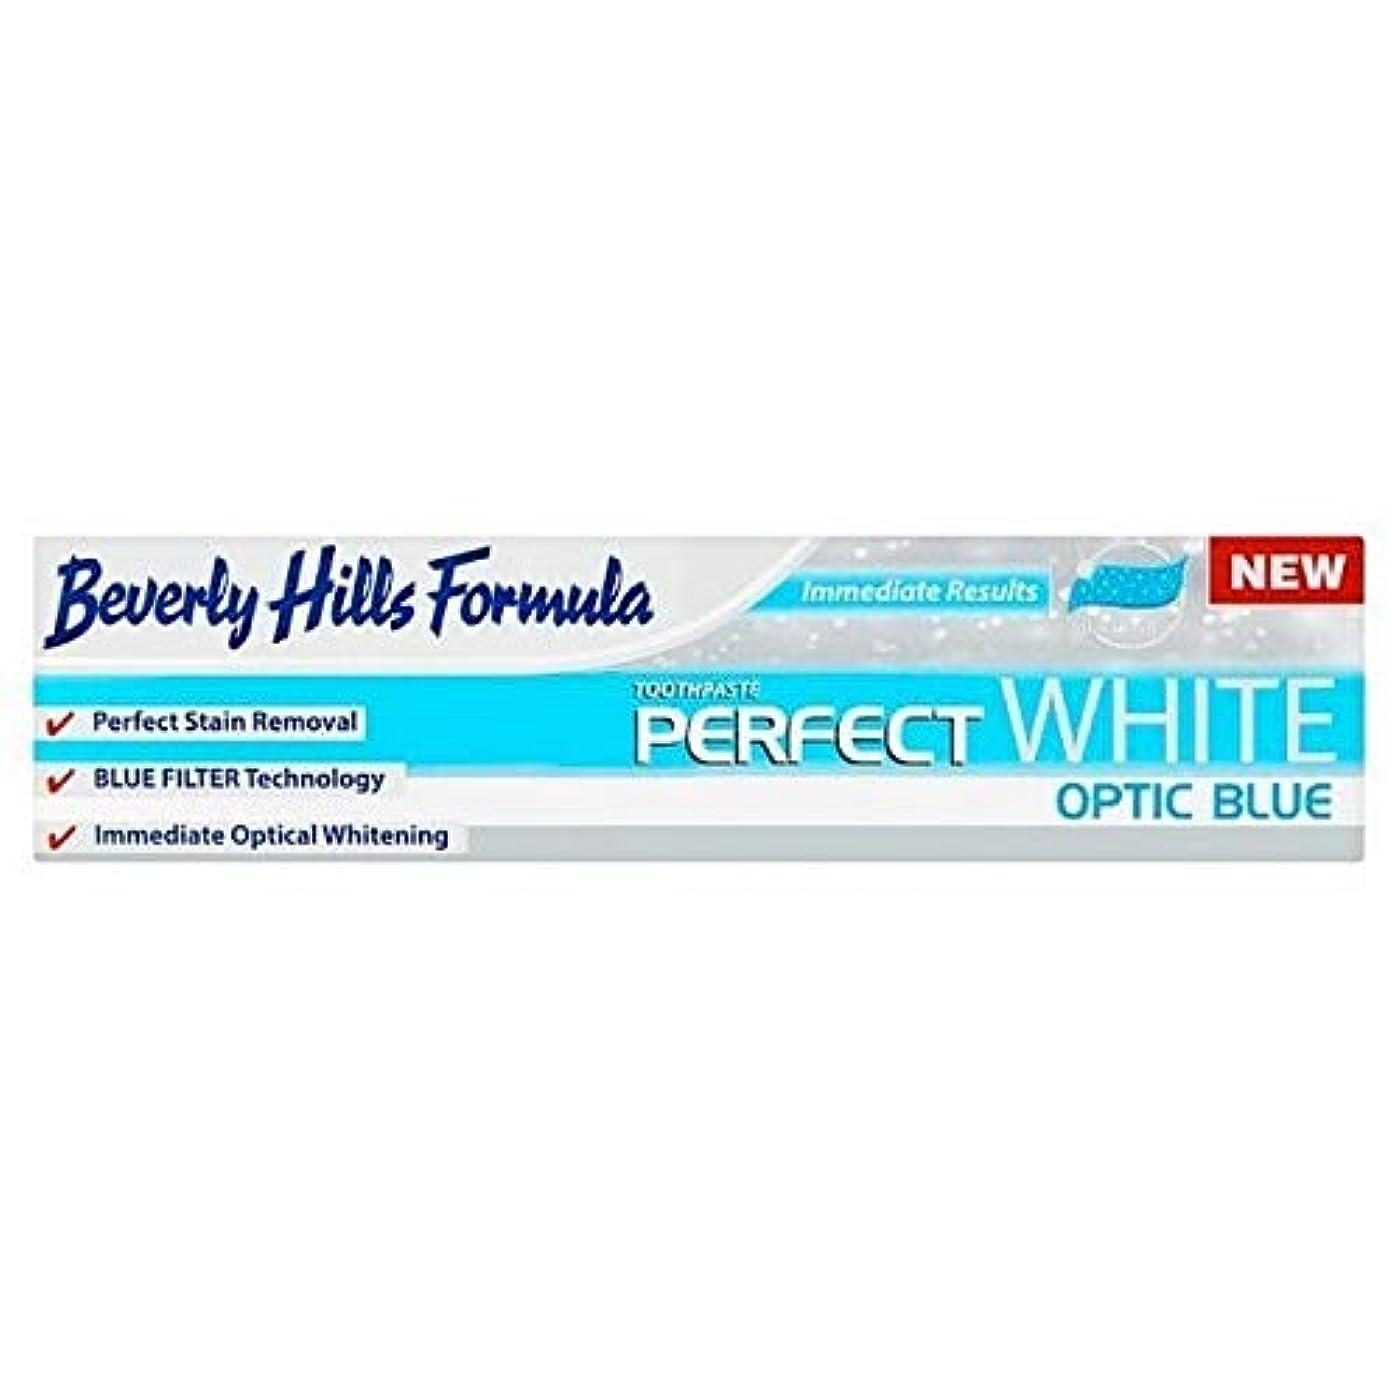 突き出す隔離手のひら[Beverly Hills ] ビバリーヒルズ公式パーフェクトホワイト歯磨き粉の100ミリリットル - Beverly Hills Formula Perfect White toothpaste 100ml [並行輸入品]